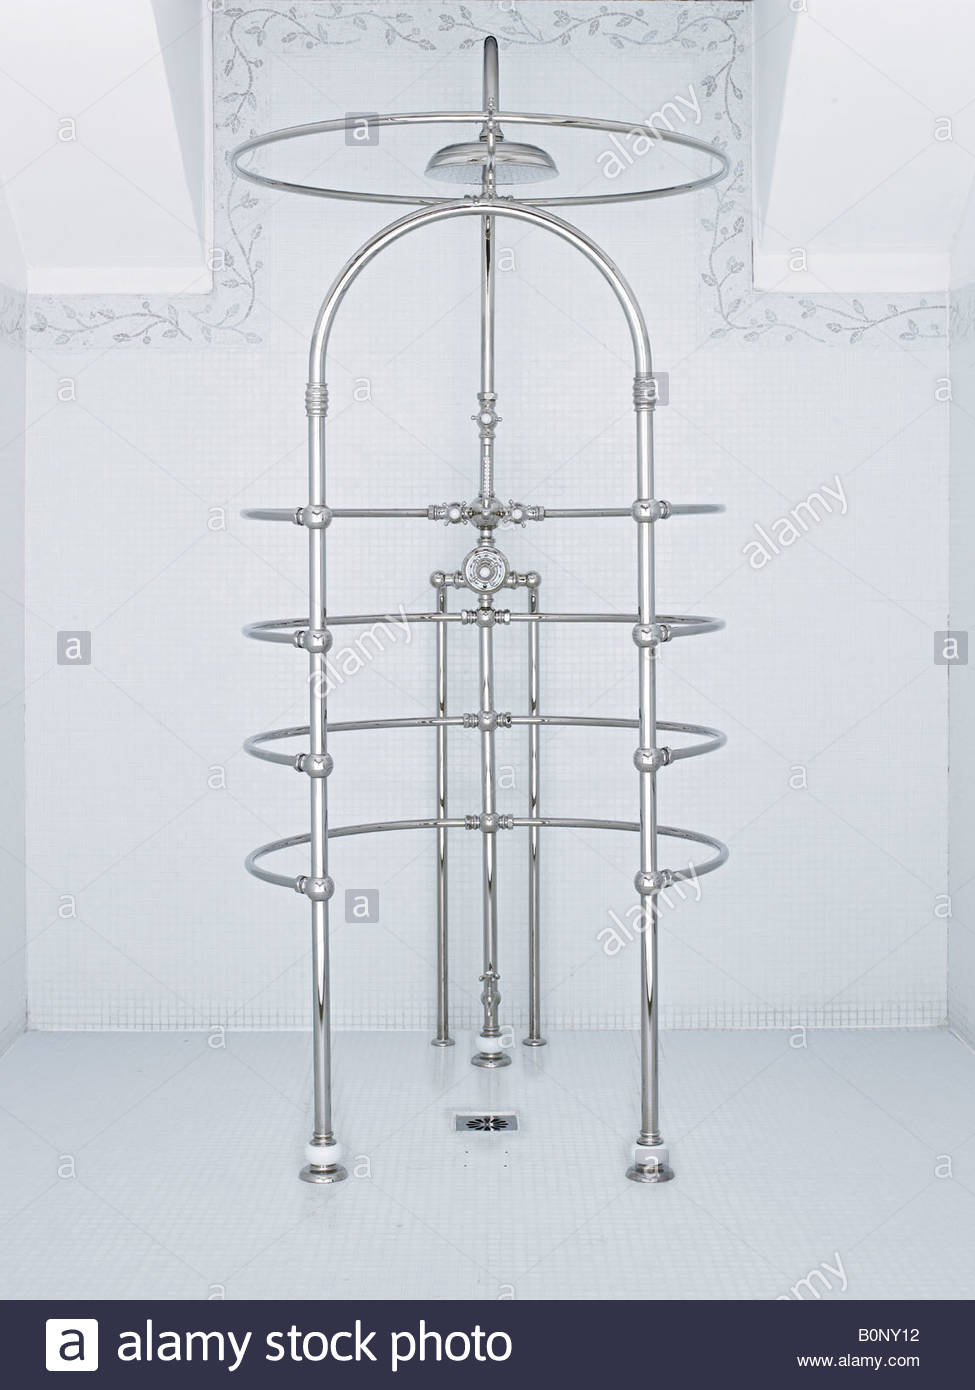 wrap around shower Stock Photo: 17692558 - Alamy